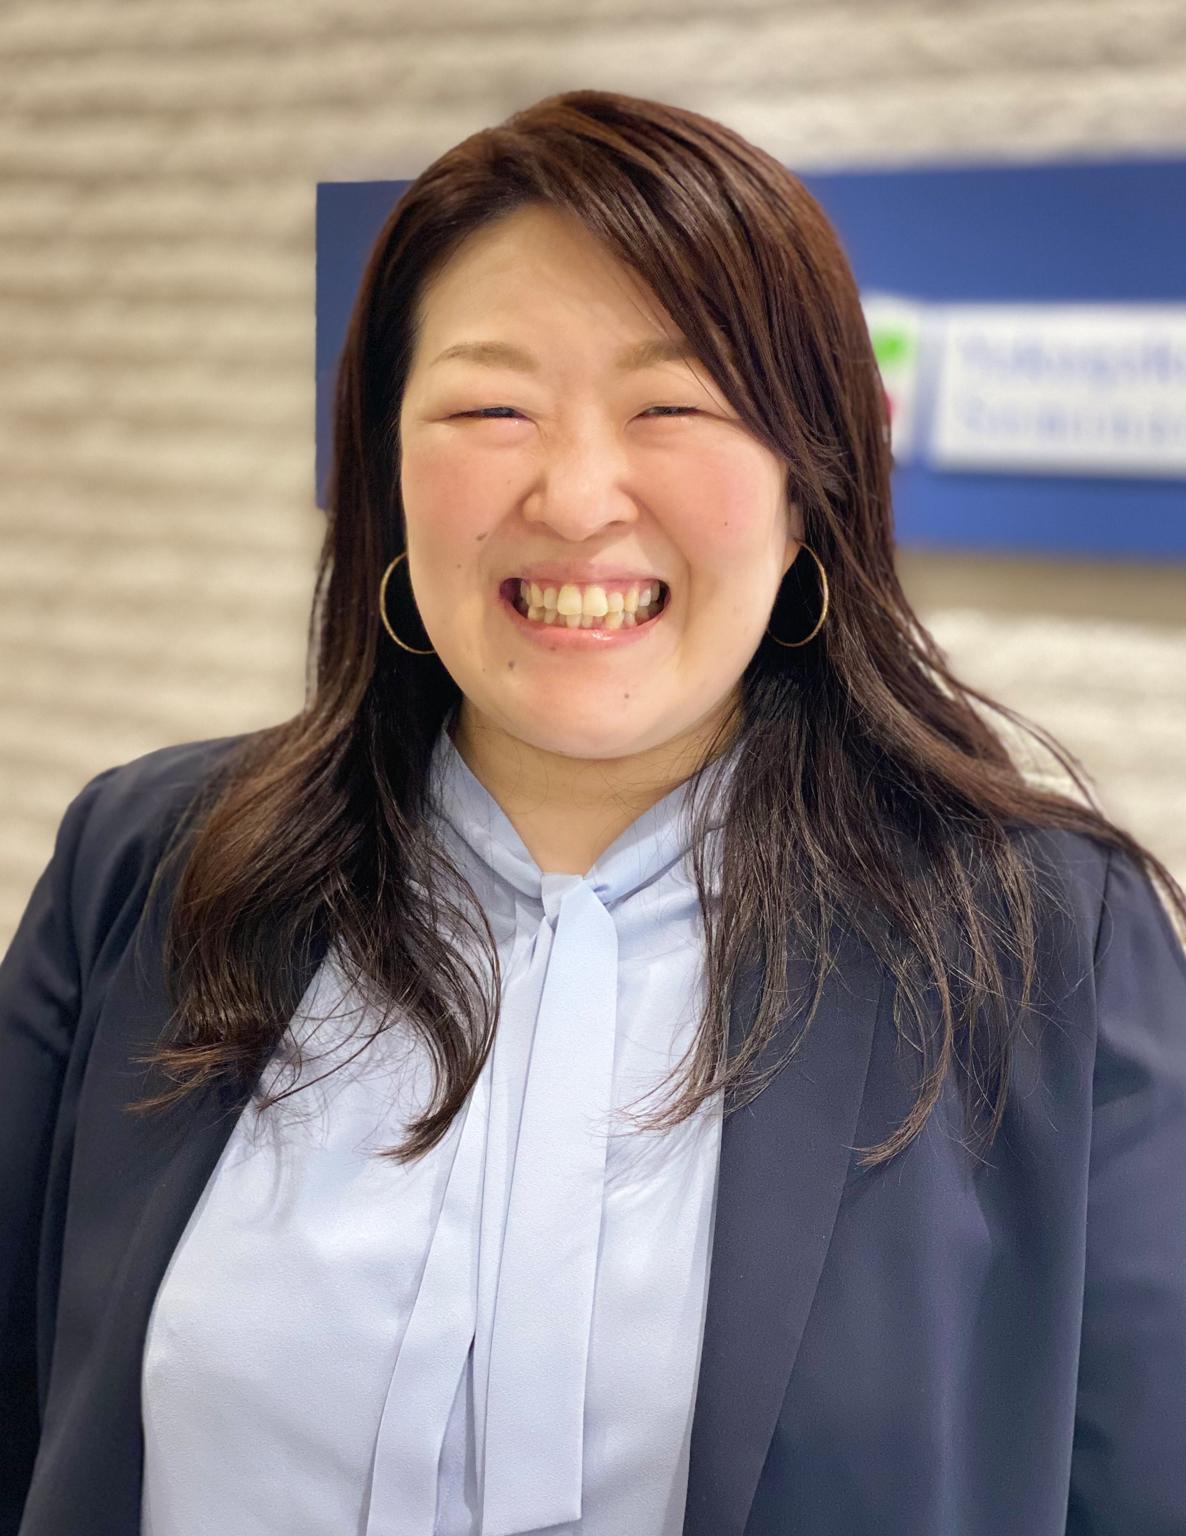 前田 紗代子